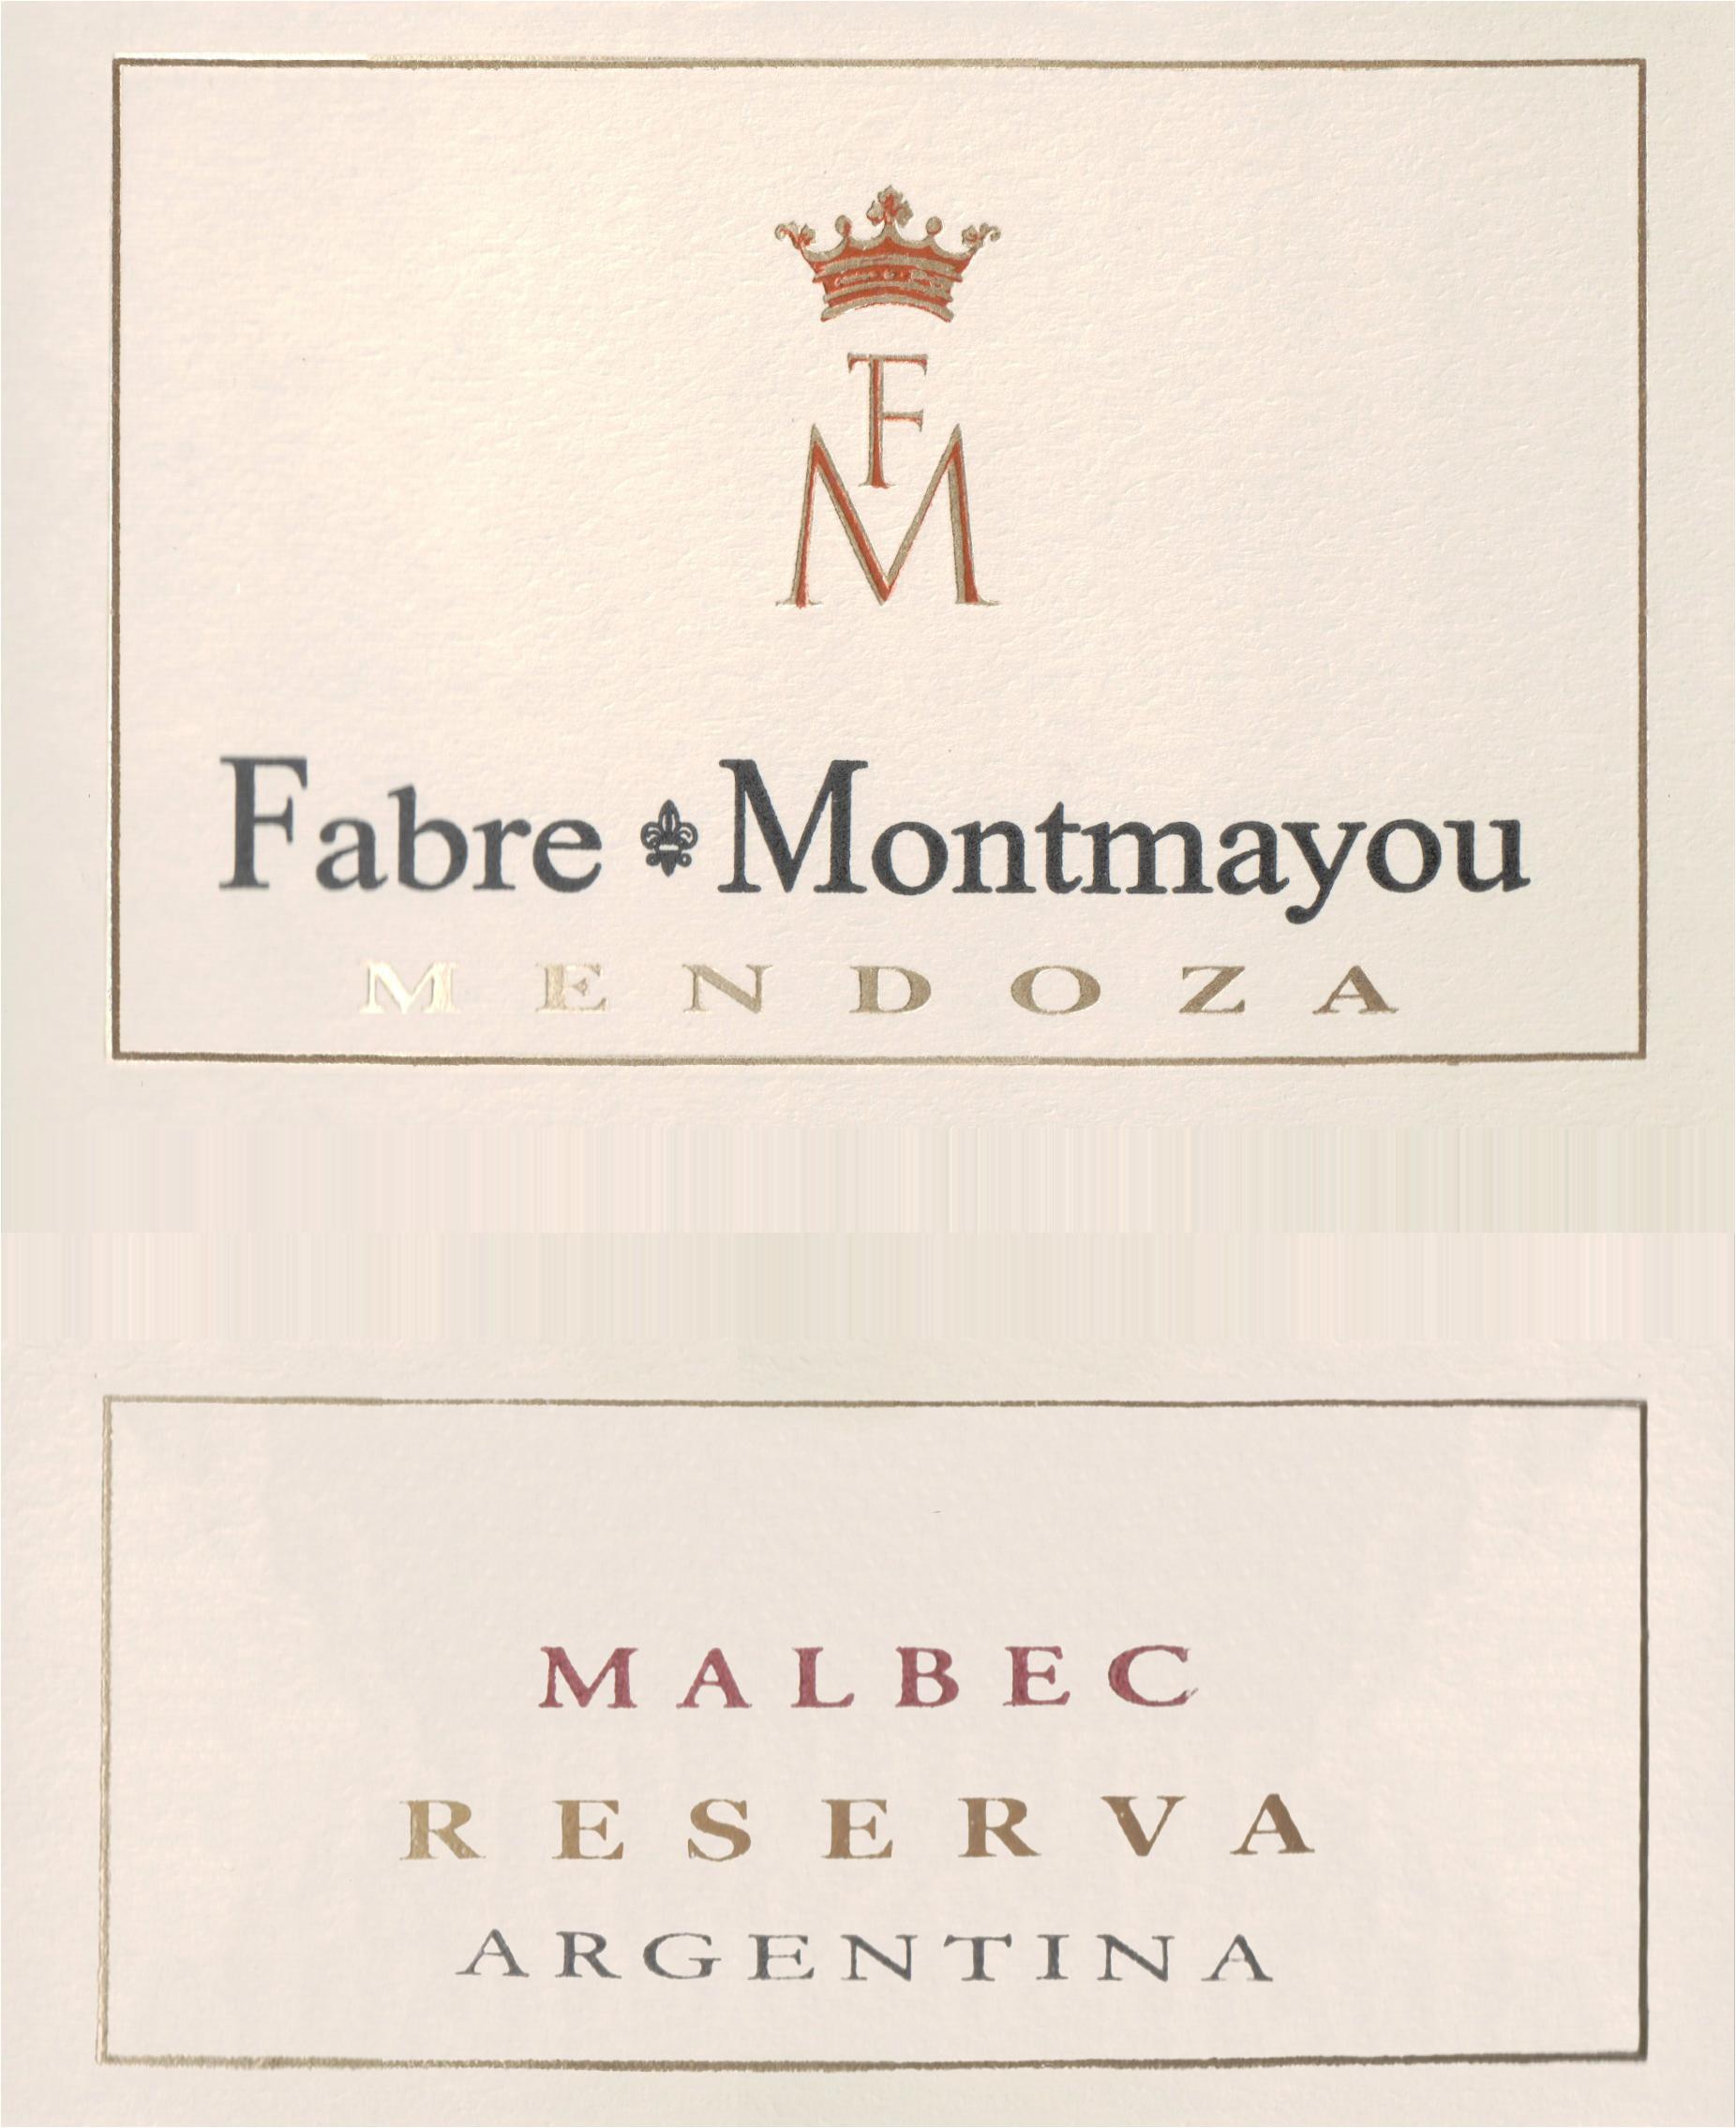 Fabre Montmayou Reserva Malbec 2019